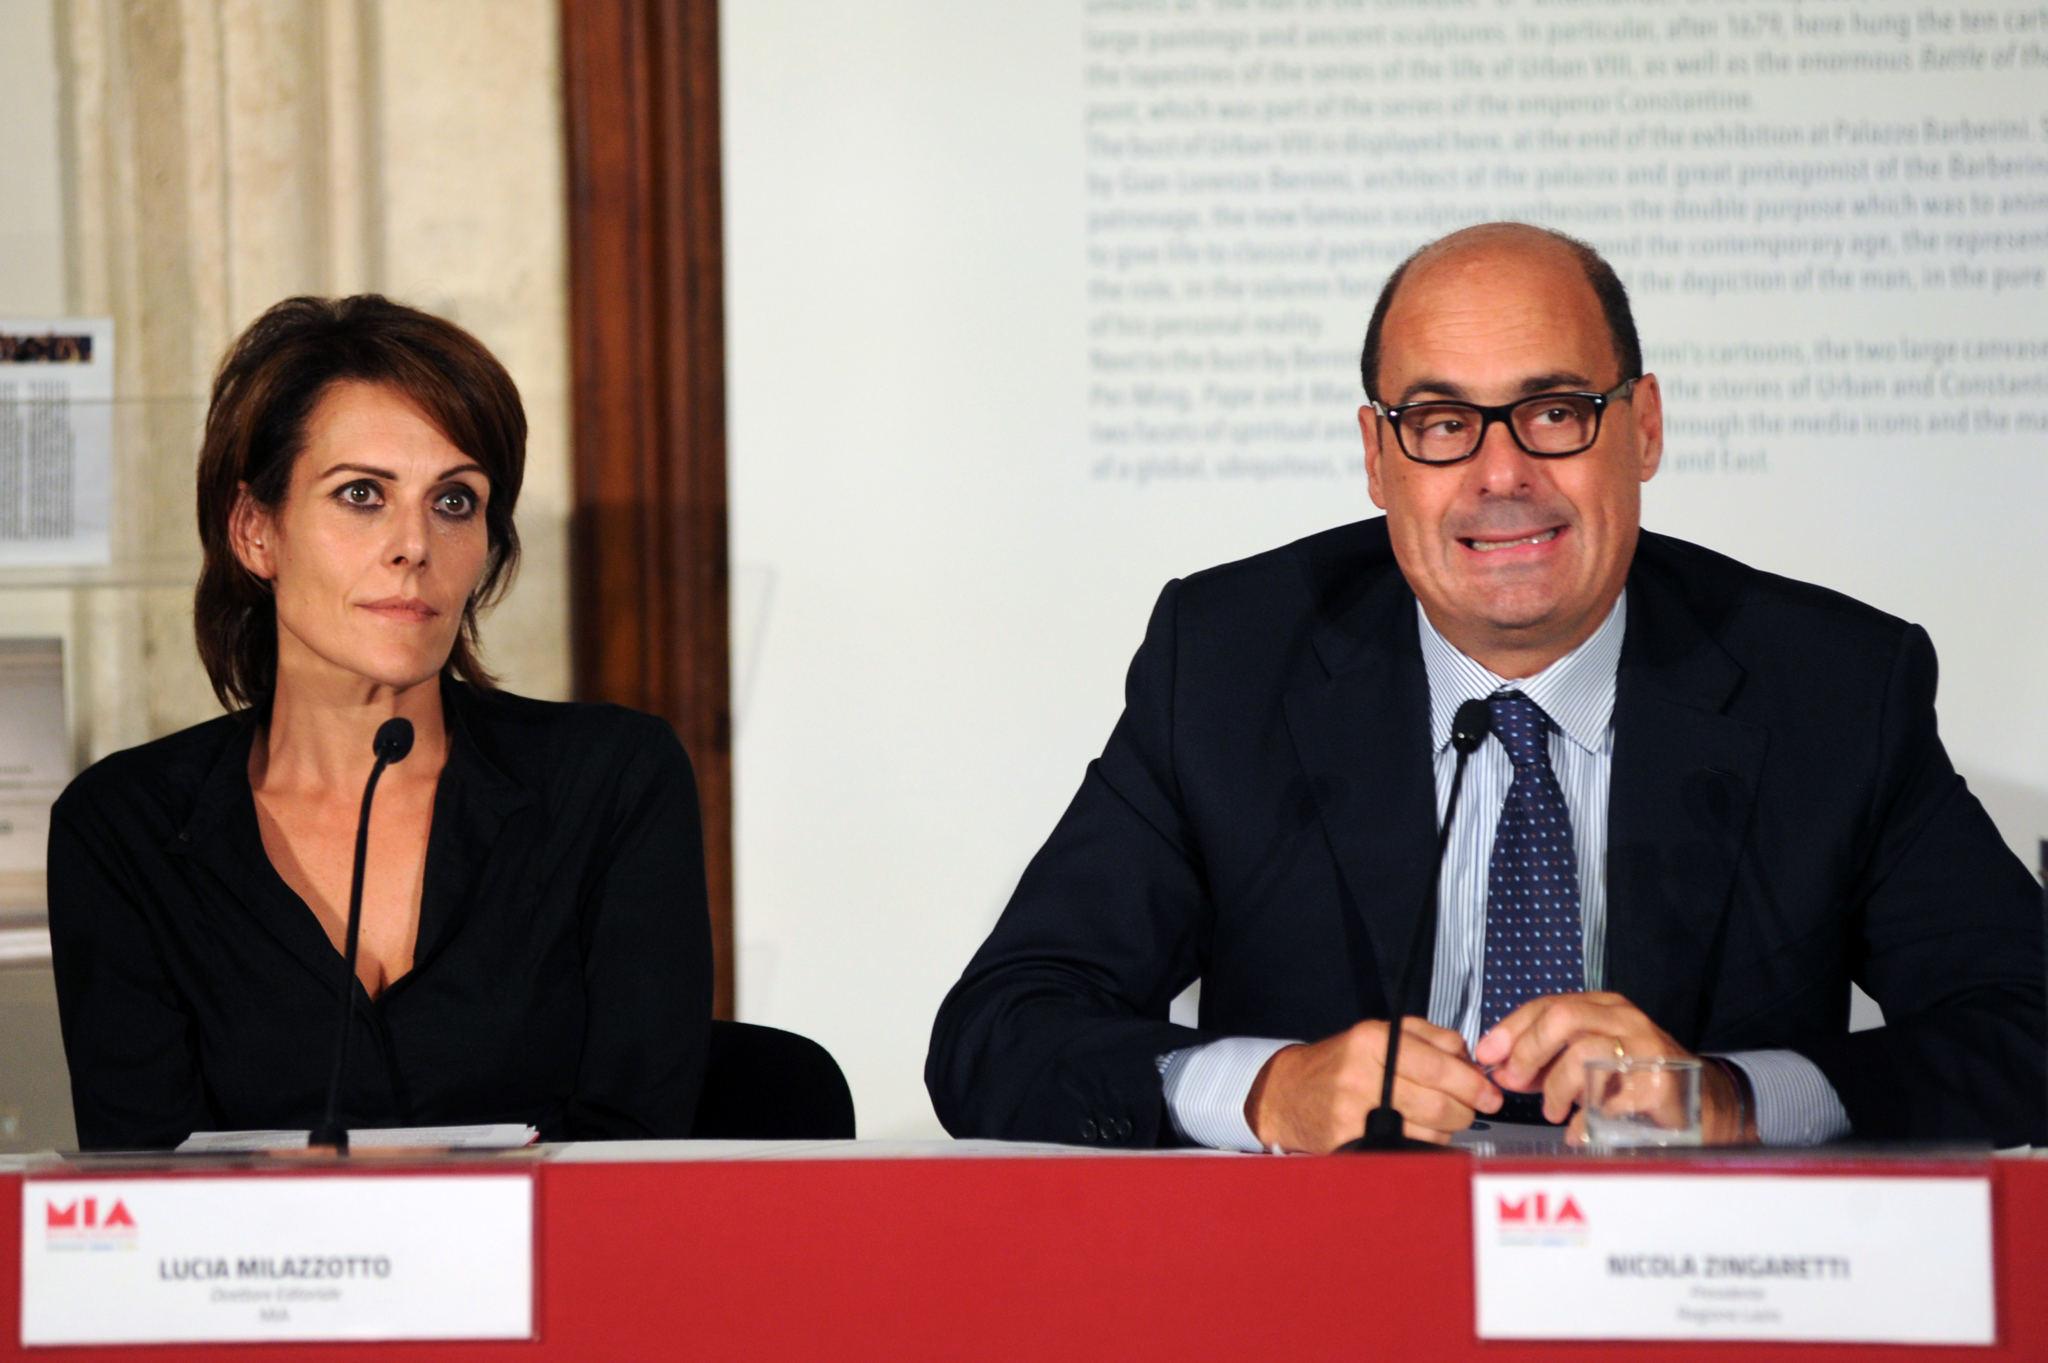 Lucia Milazzotto (MIA Executive Director), Nicola Zingaretti (Lazio Region President)